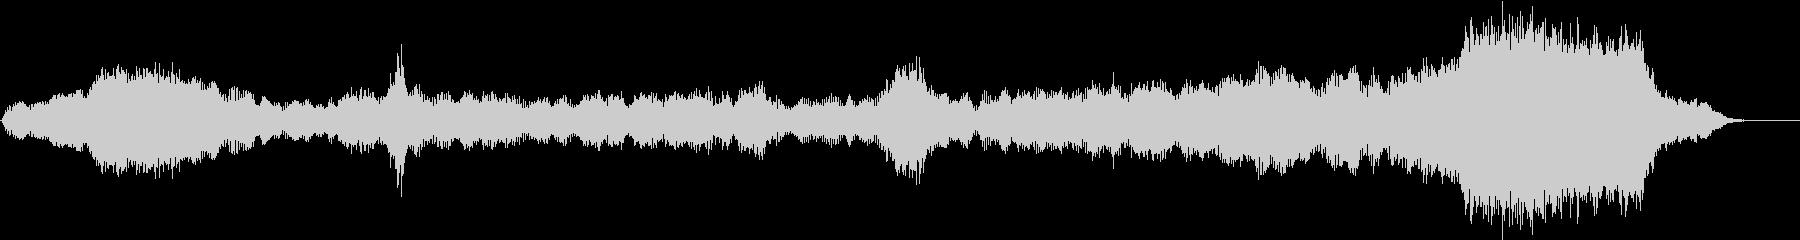 緊迫した音響曲(ピアノ入り)の未再生の波形